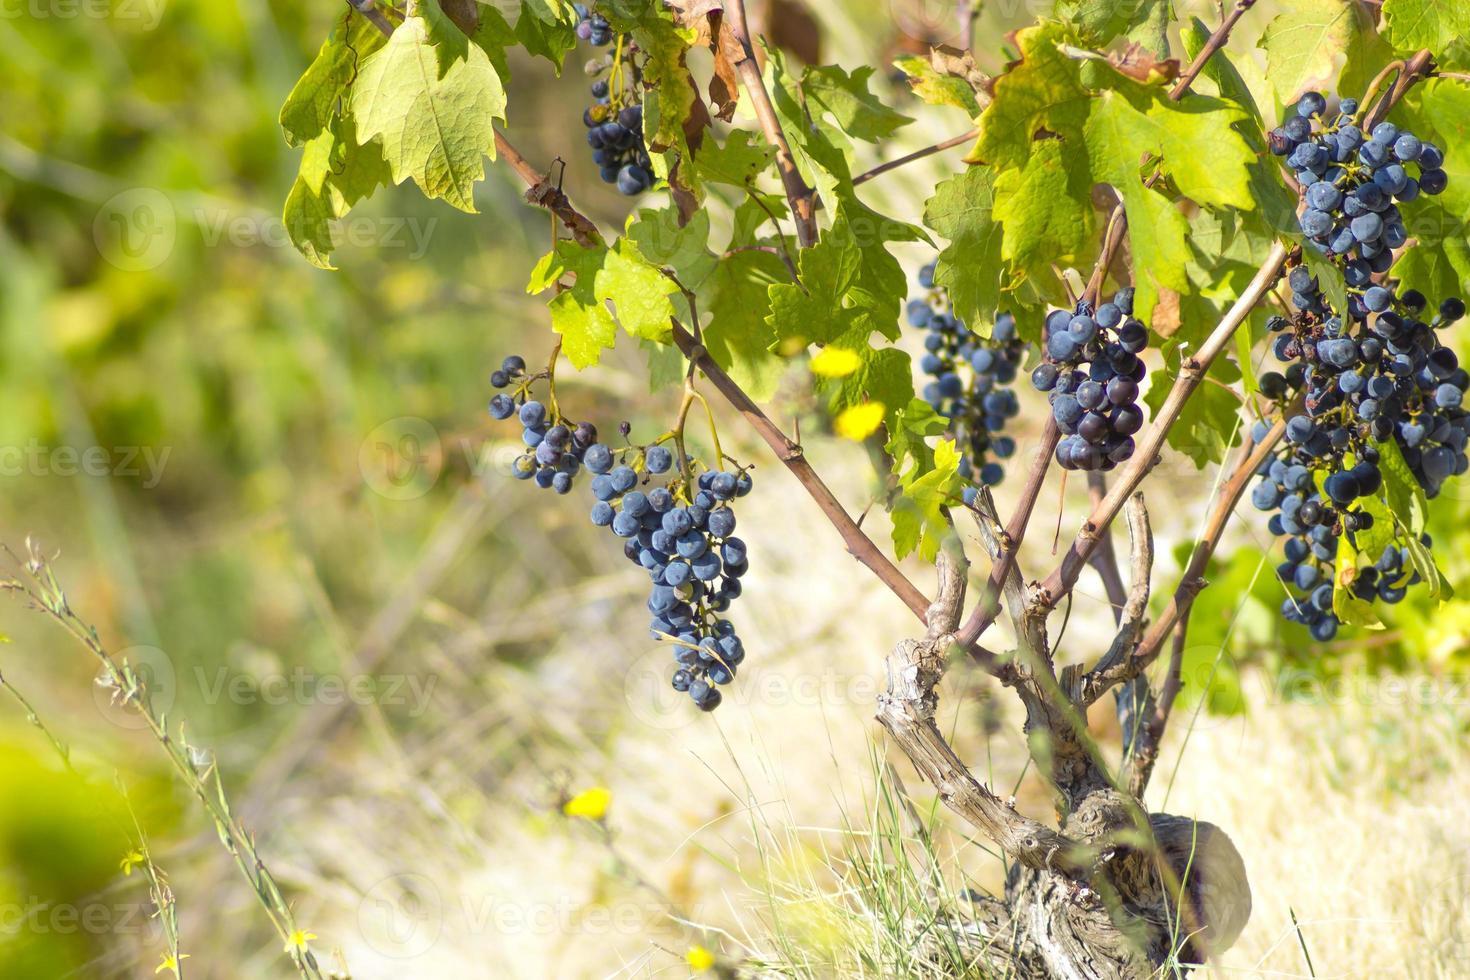 mogen blå vinstock vild foto